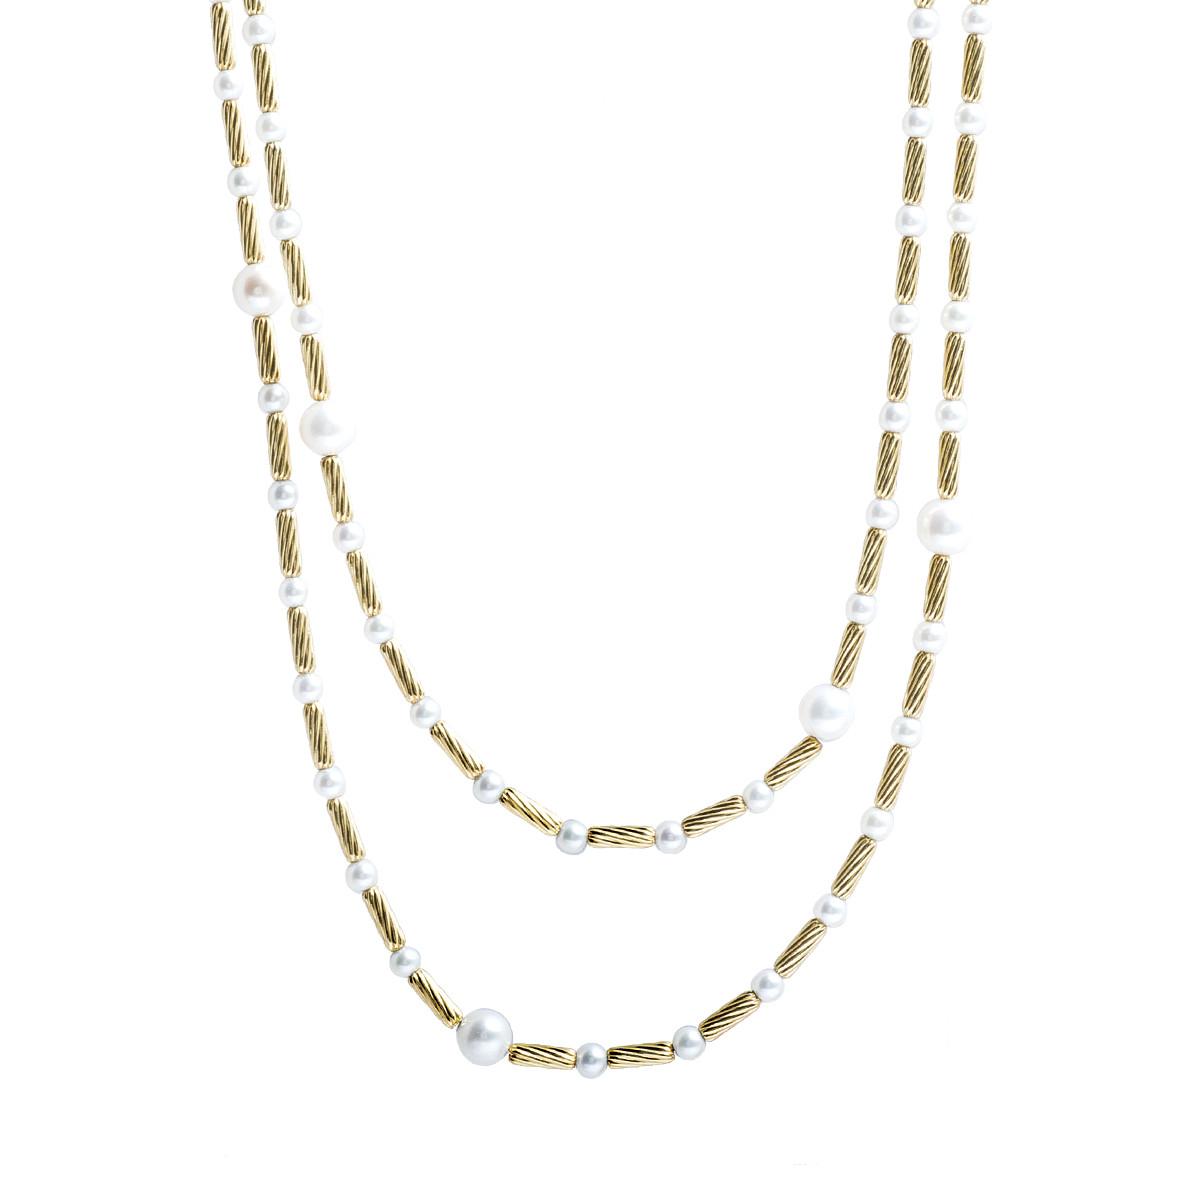 Vintage David Yurman Pearl Necklace